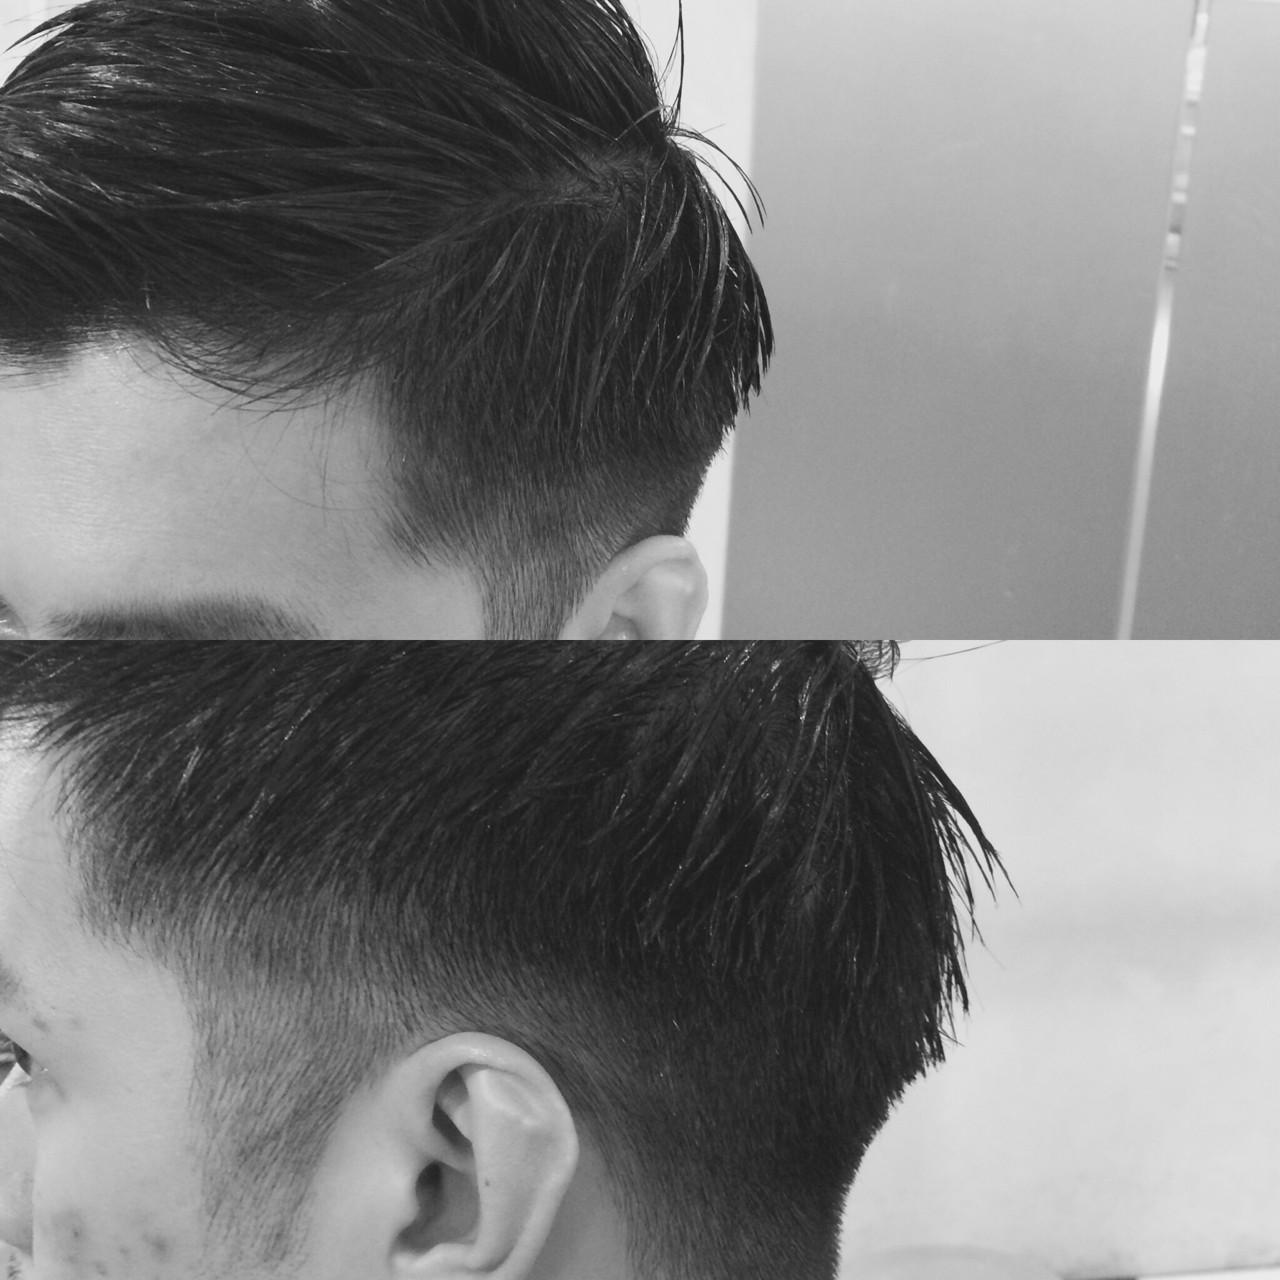 刈り上げ オフィス ボーイッシュ メンズ ヘアスタイルや髪型の写真・画像 | 三瓶悠介 / KURASHIGE